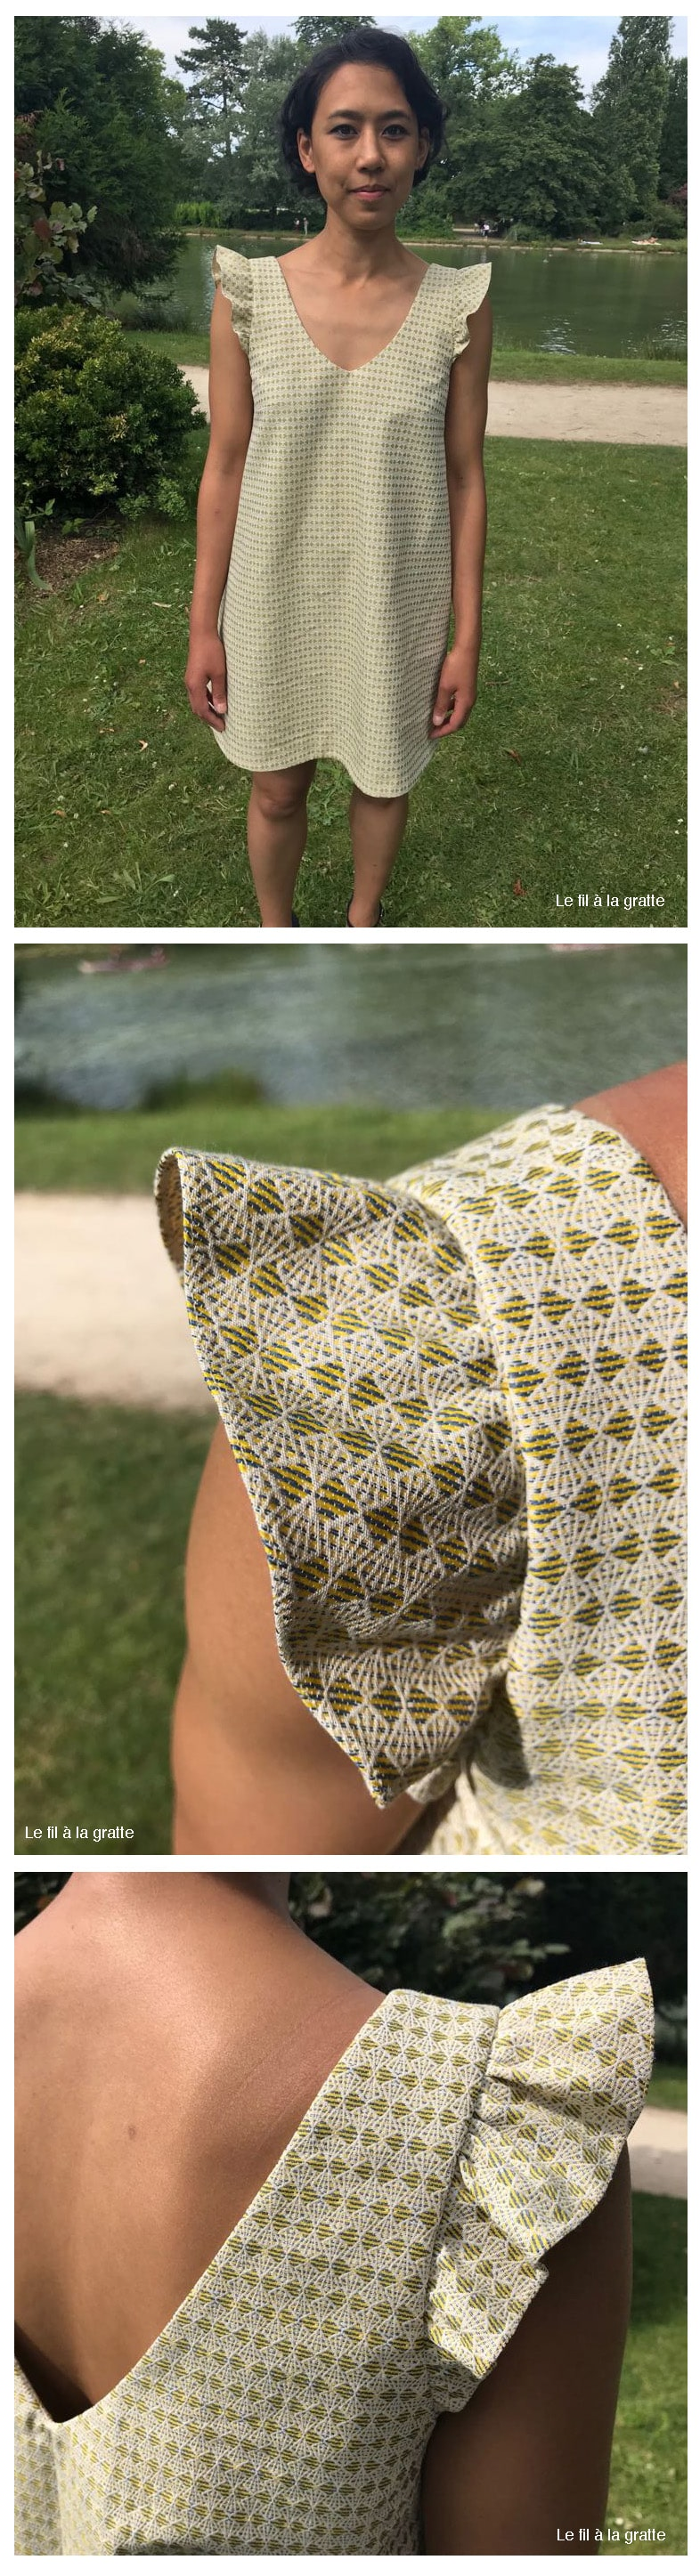 Cool Pharaon - Le fil a la gratte - Robe inspiration Laure de Sagazan - détail manche